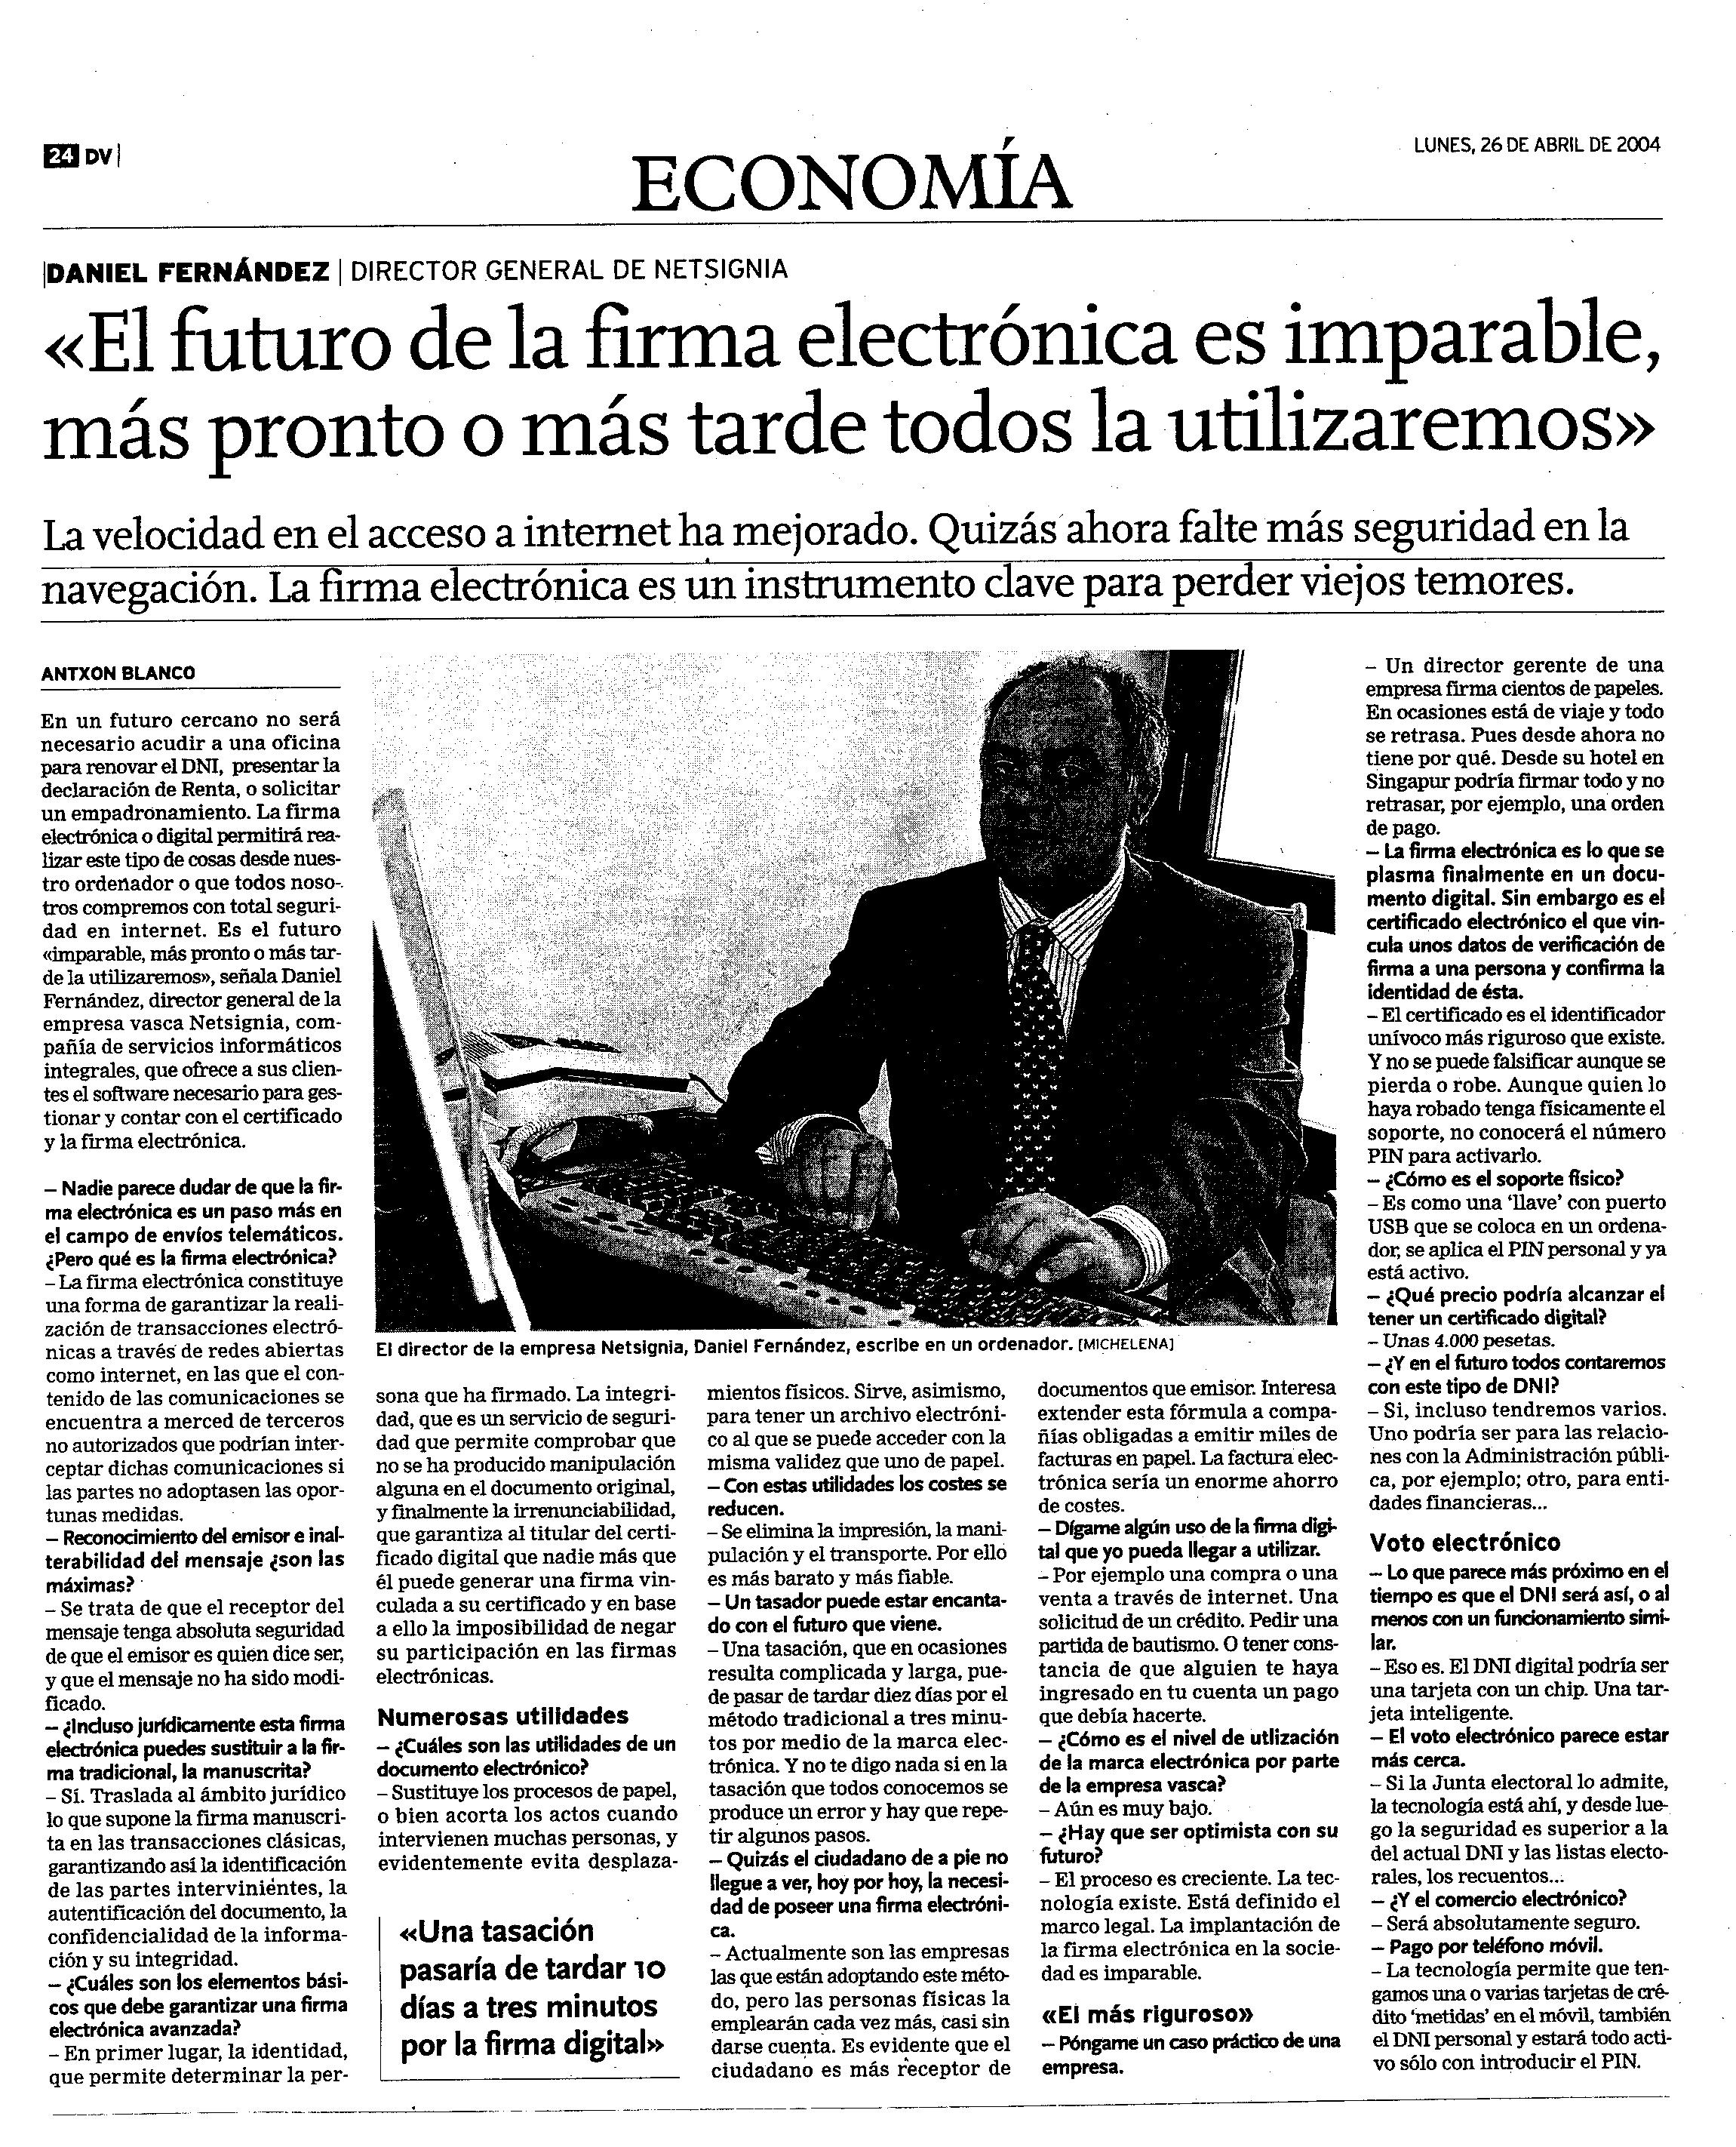 Prensafirmadigital